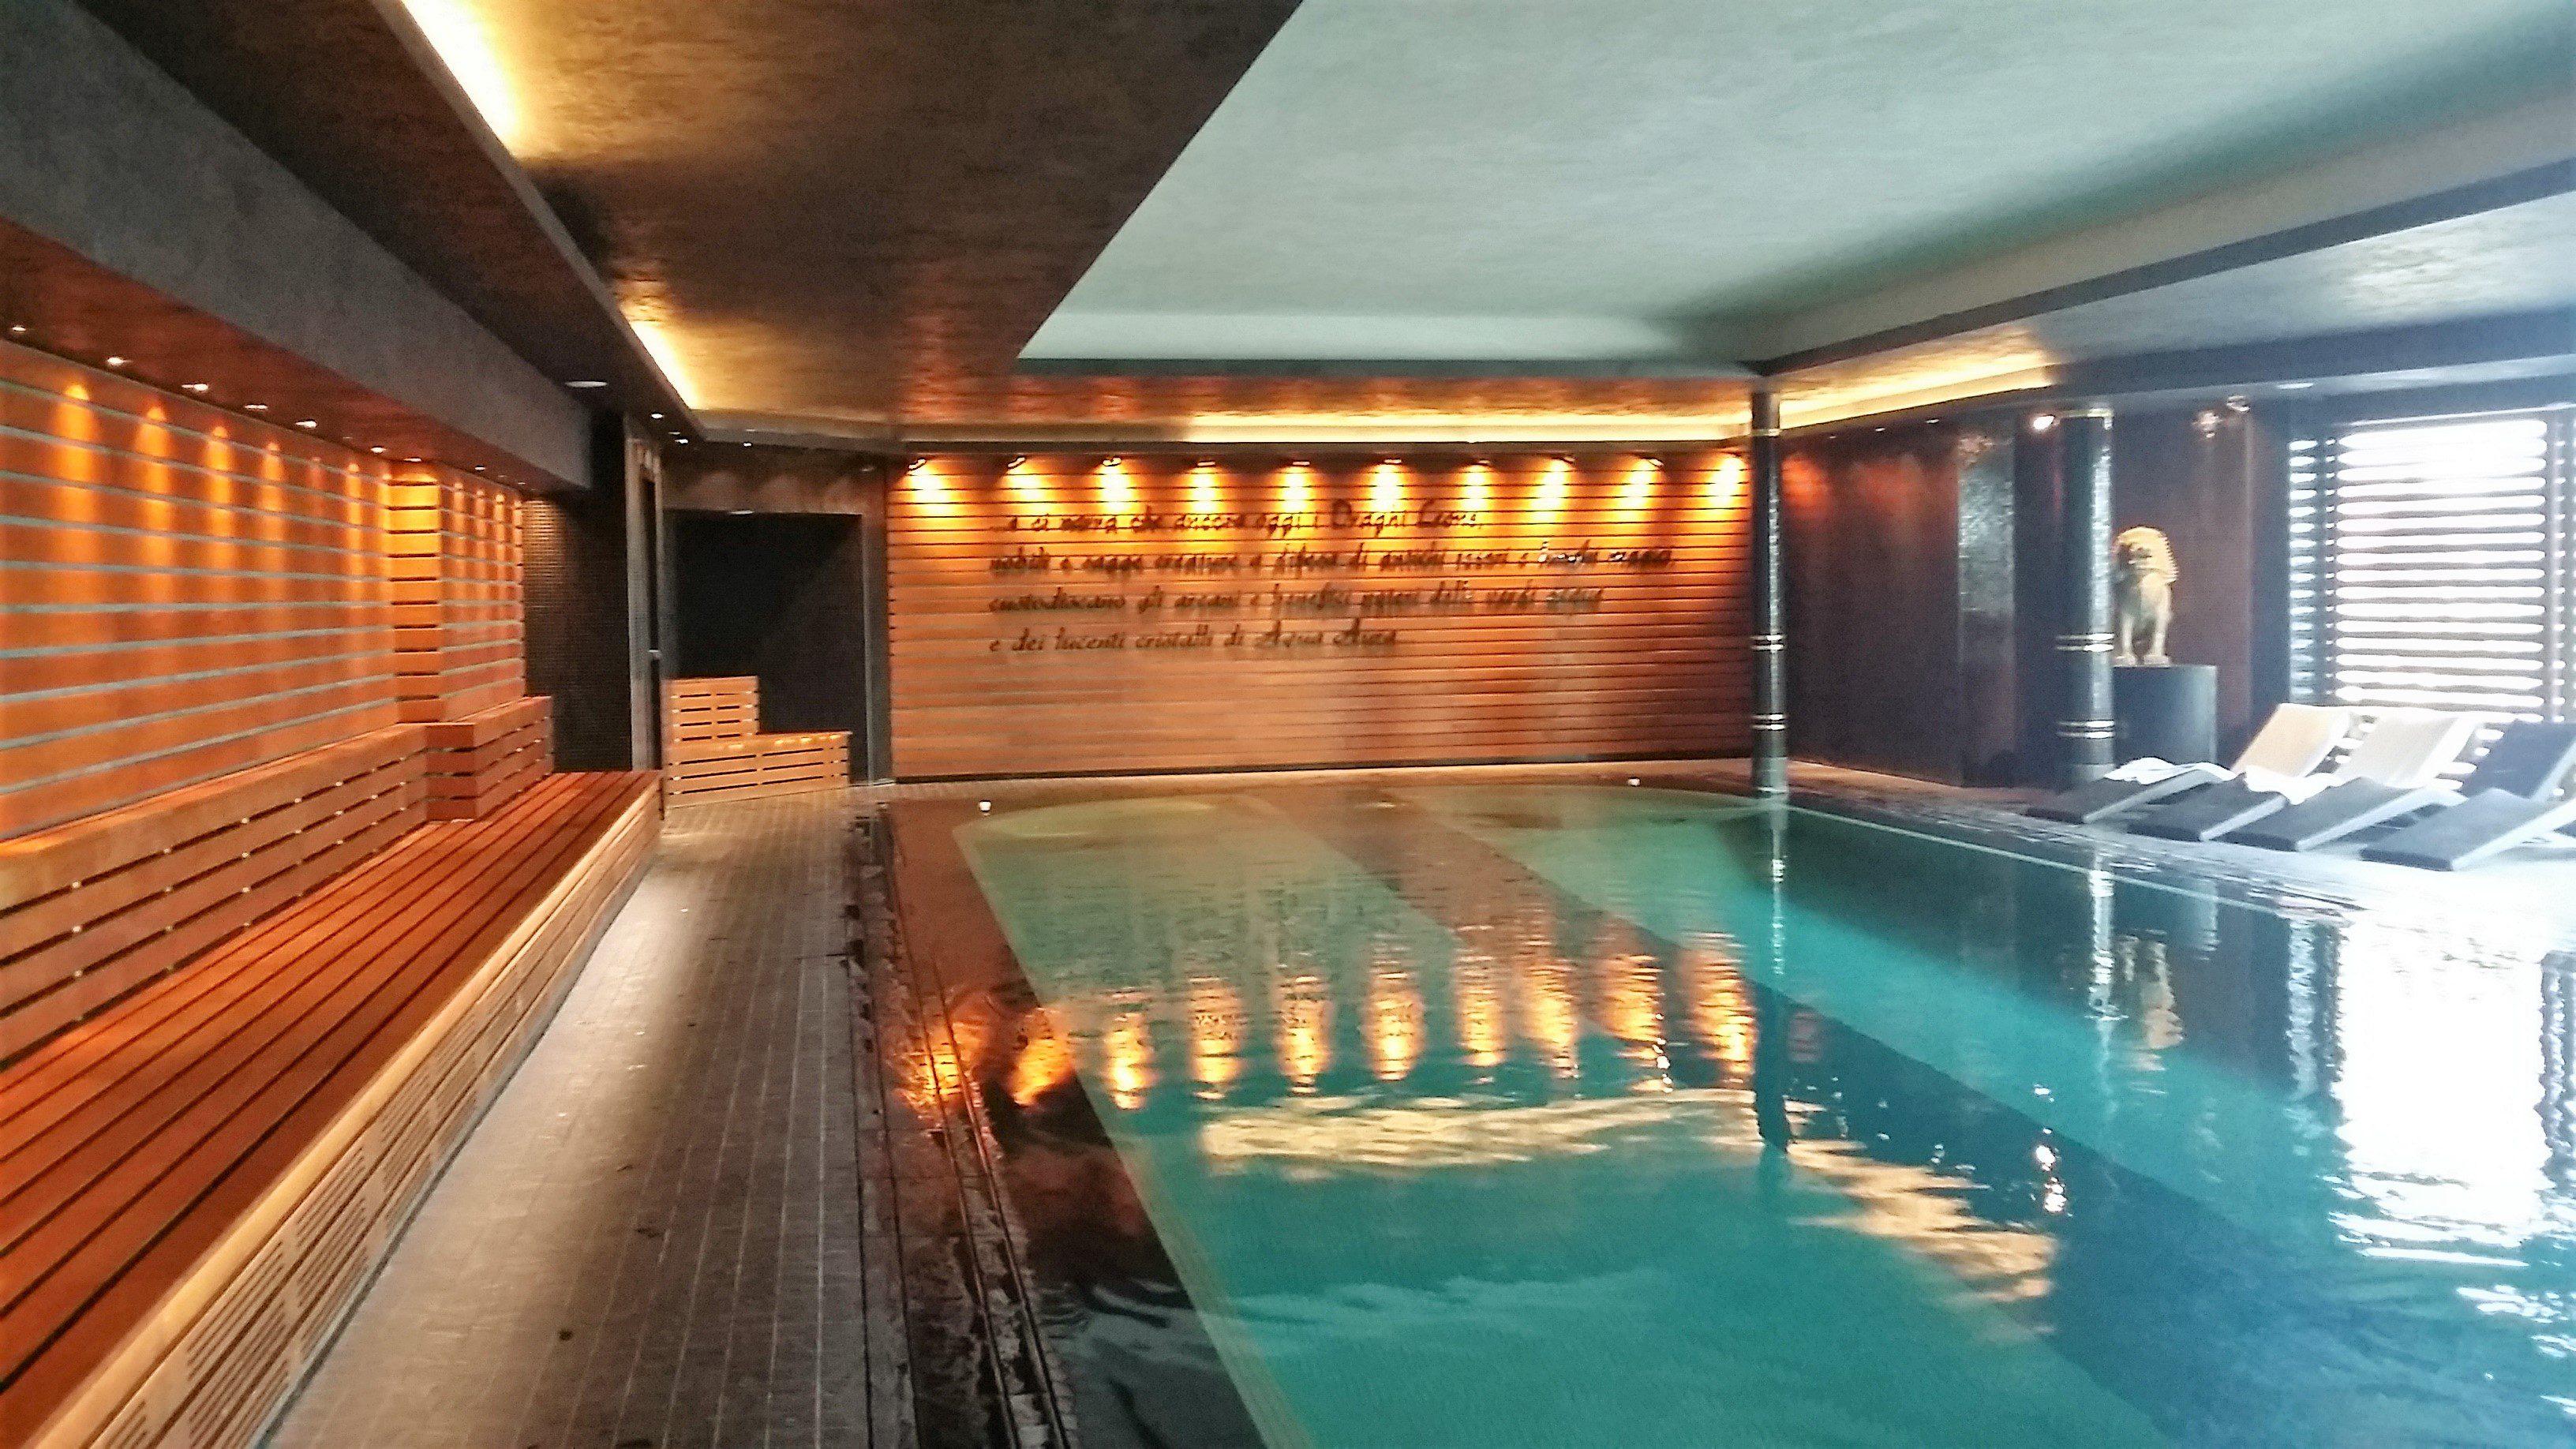 Daybreakhotels per scoprire come vivere l 39 hotel di giorno turismo bleisure - Piscina di venaria ...